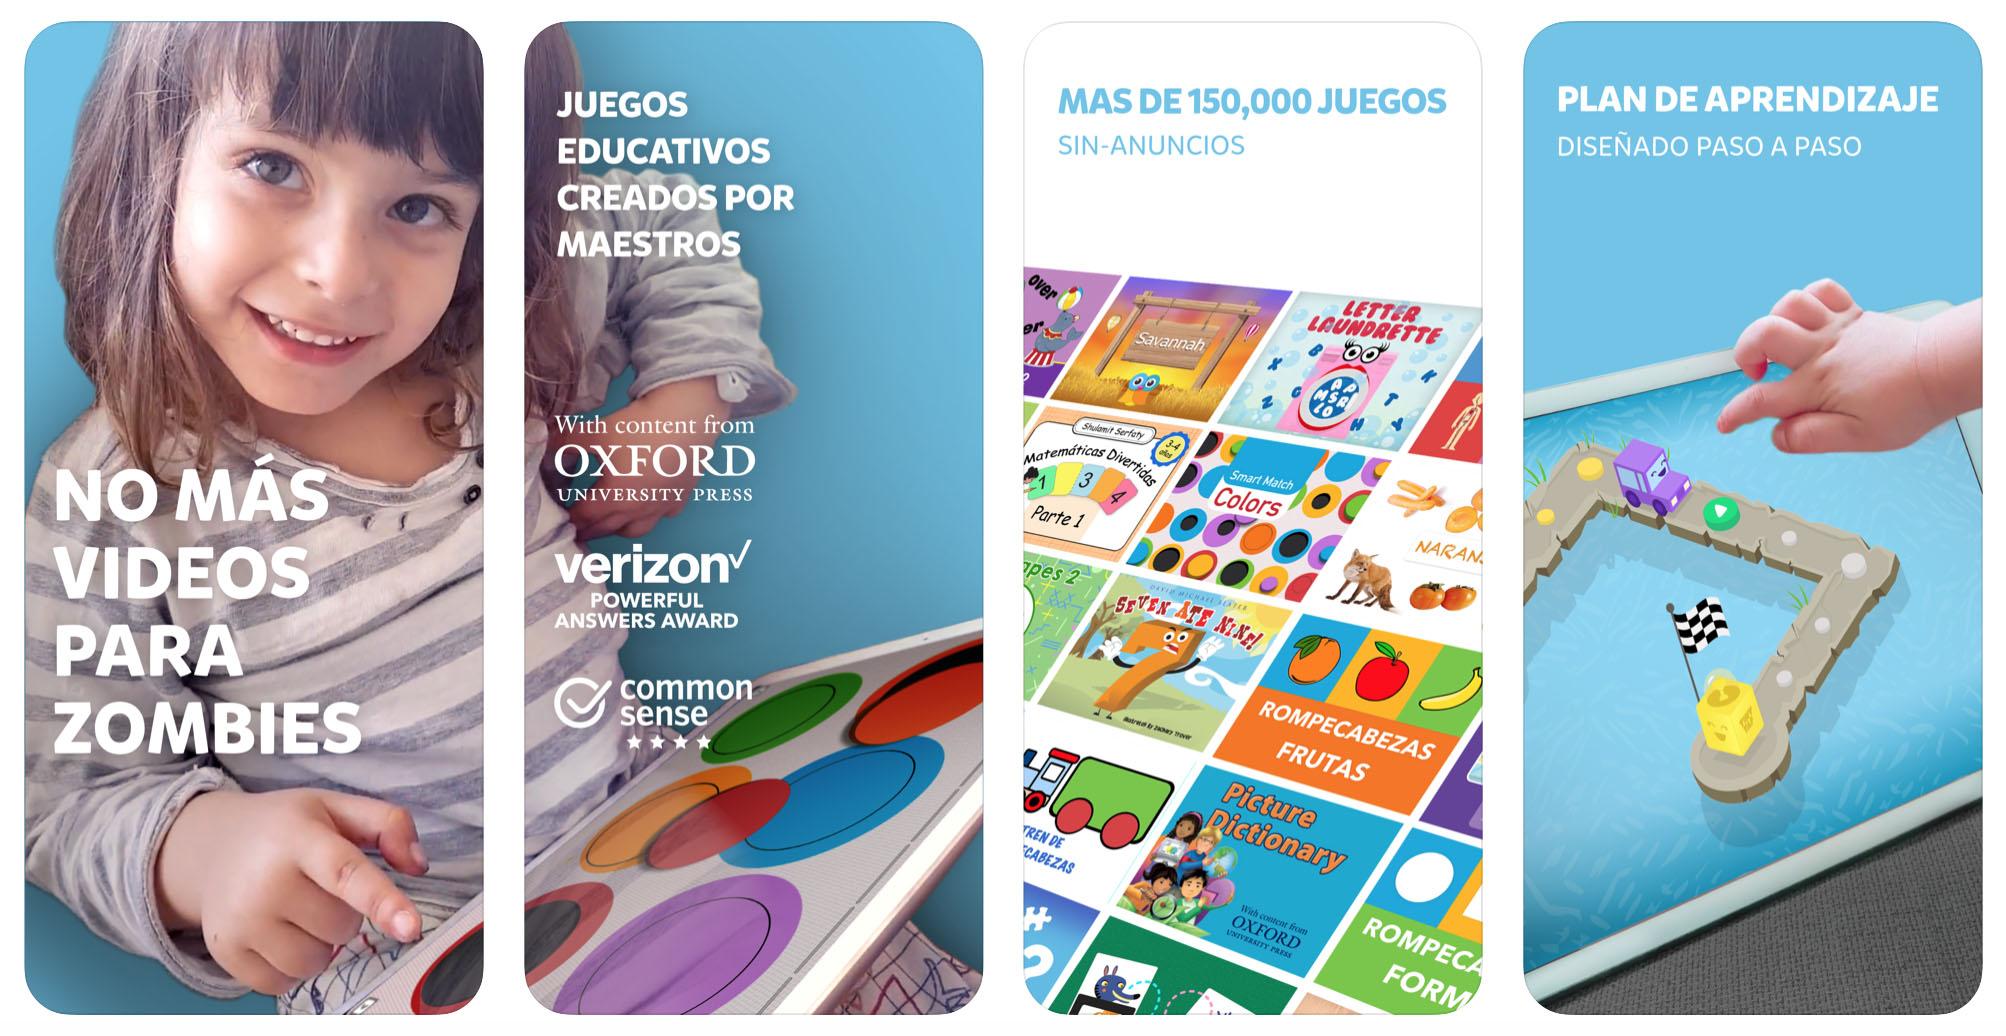 Aplicacion TinyTap - Juegos Educativos